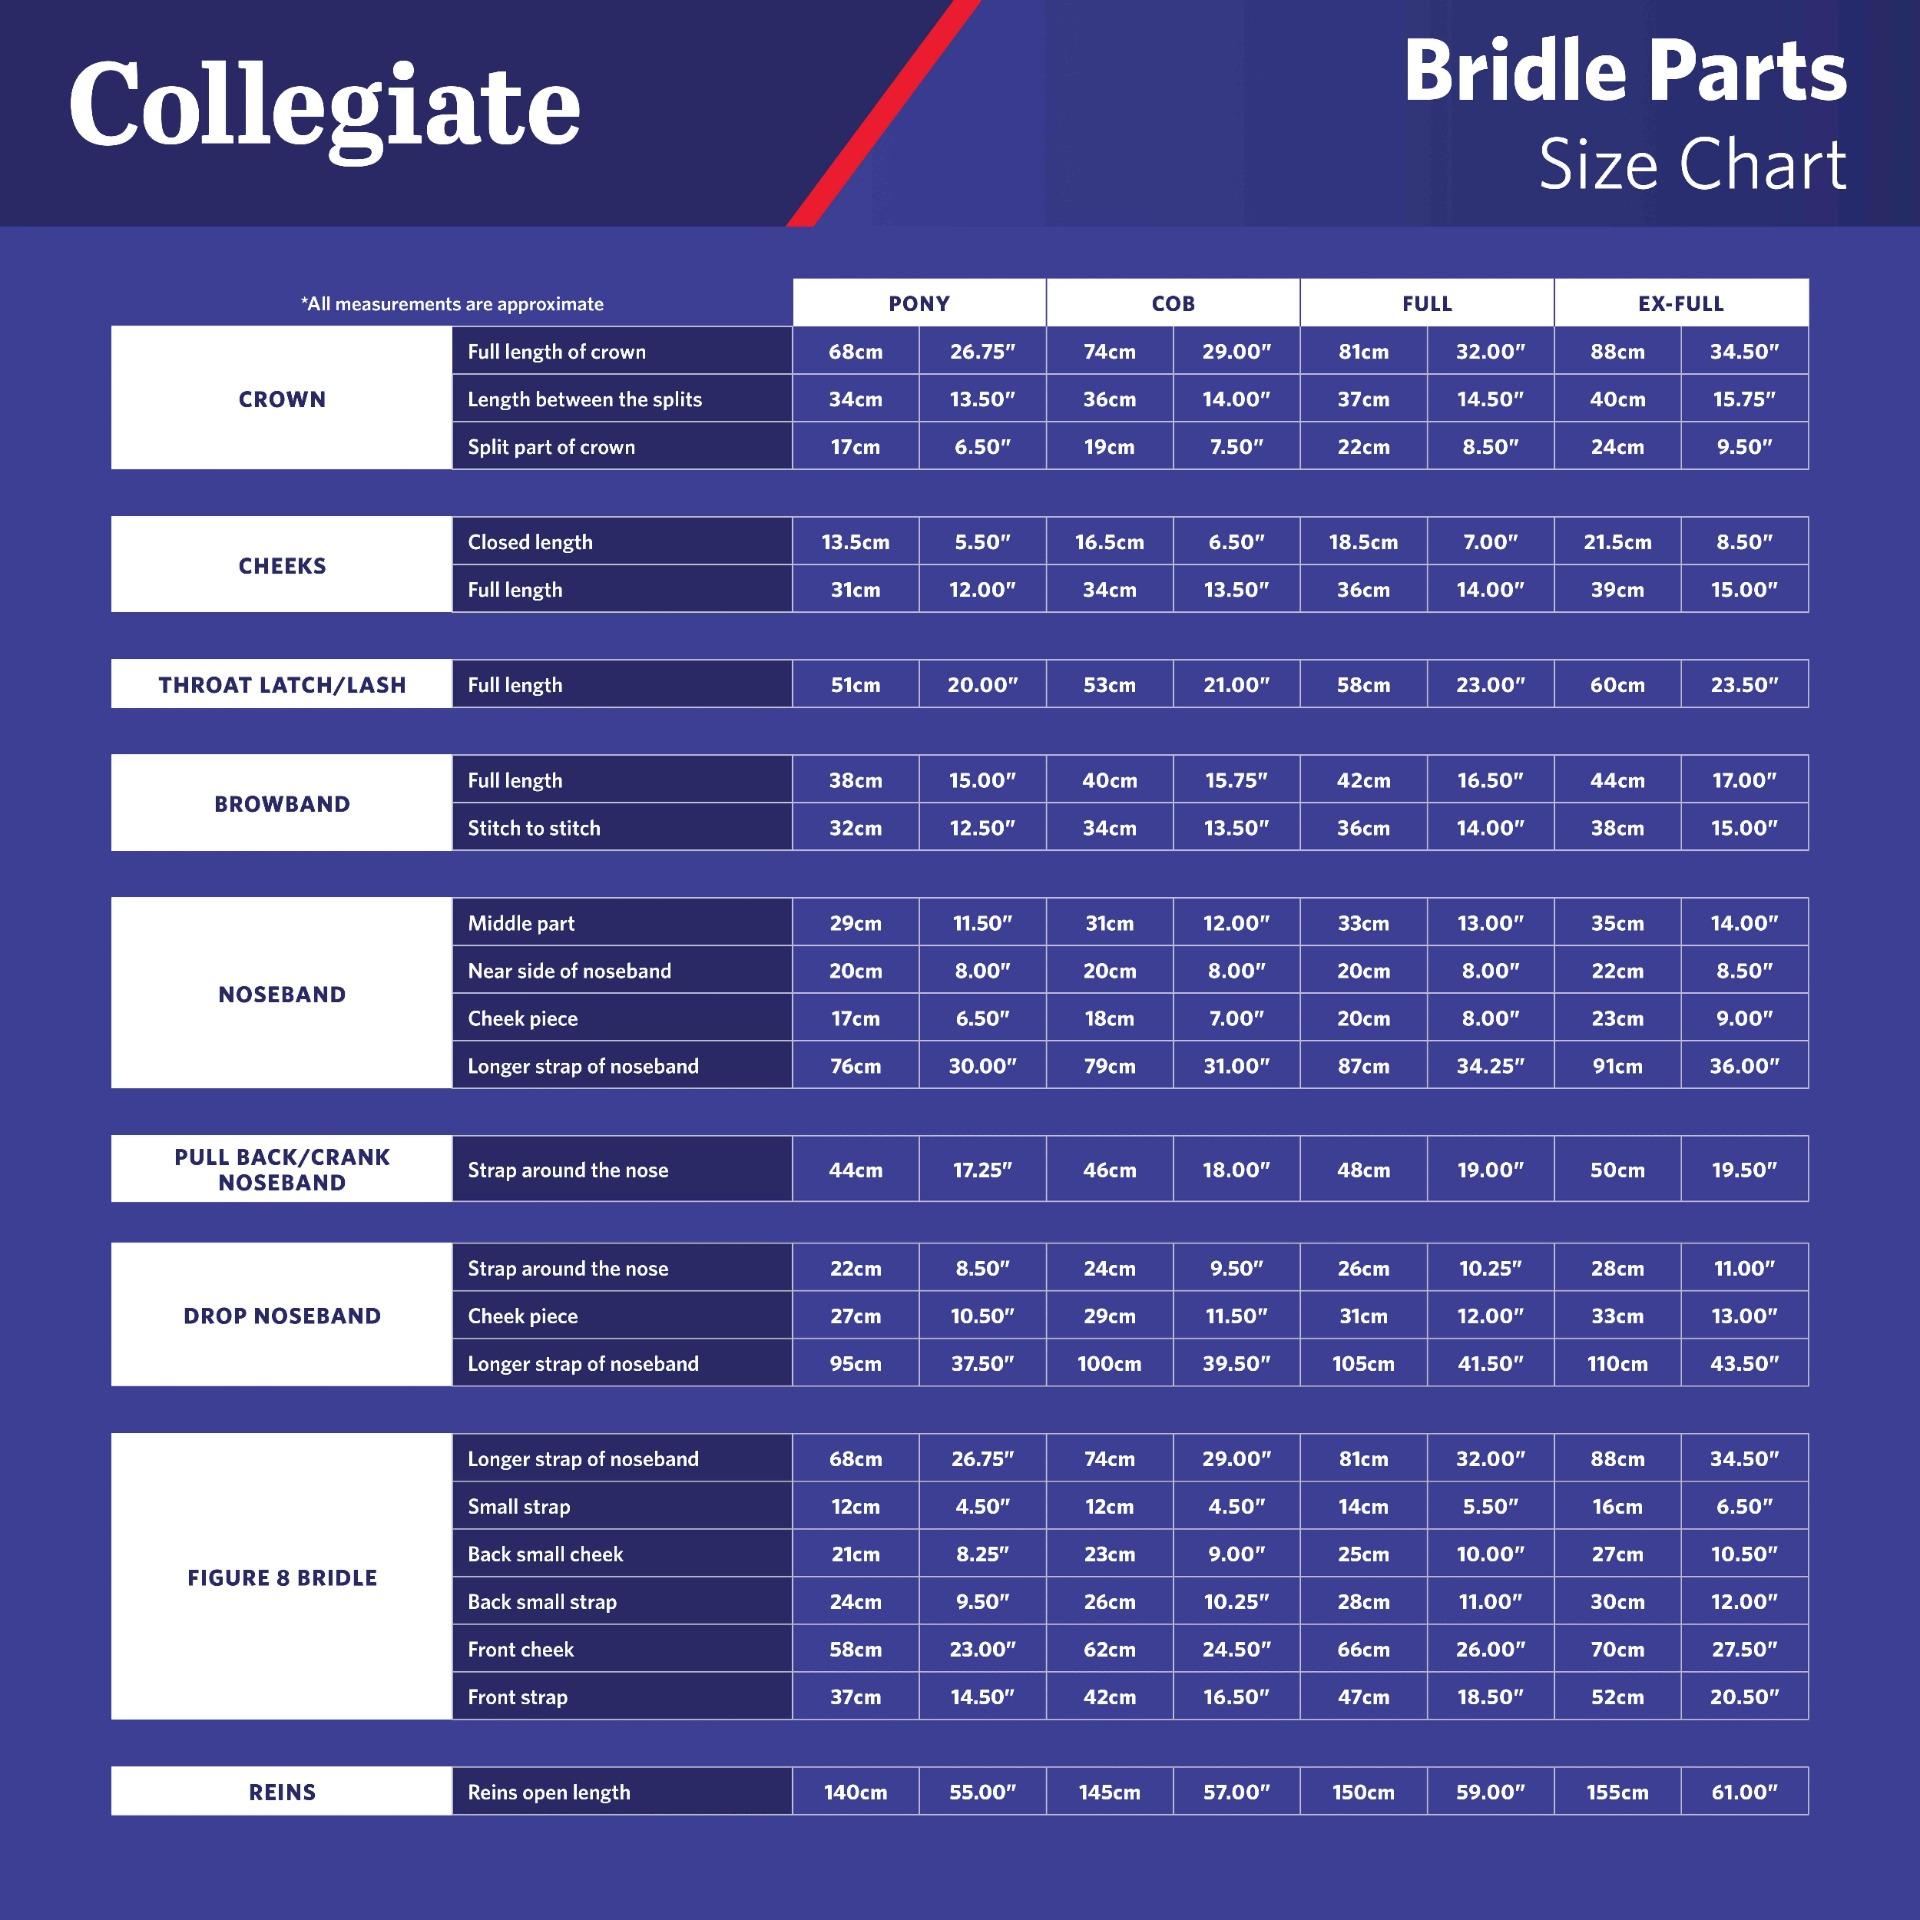 Collegiate Bridle Size Chart